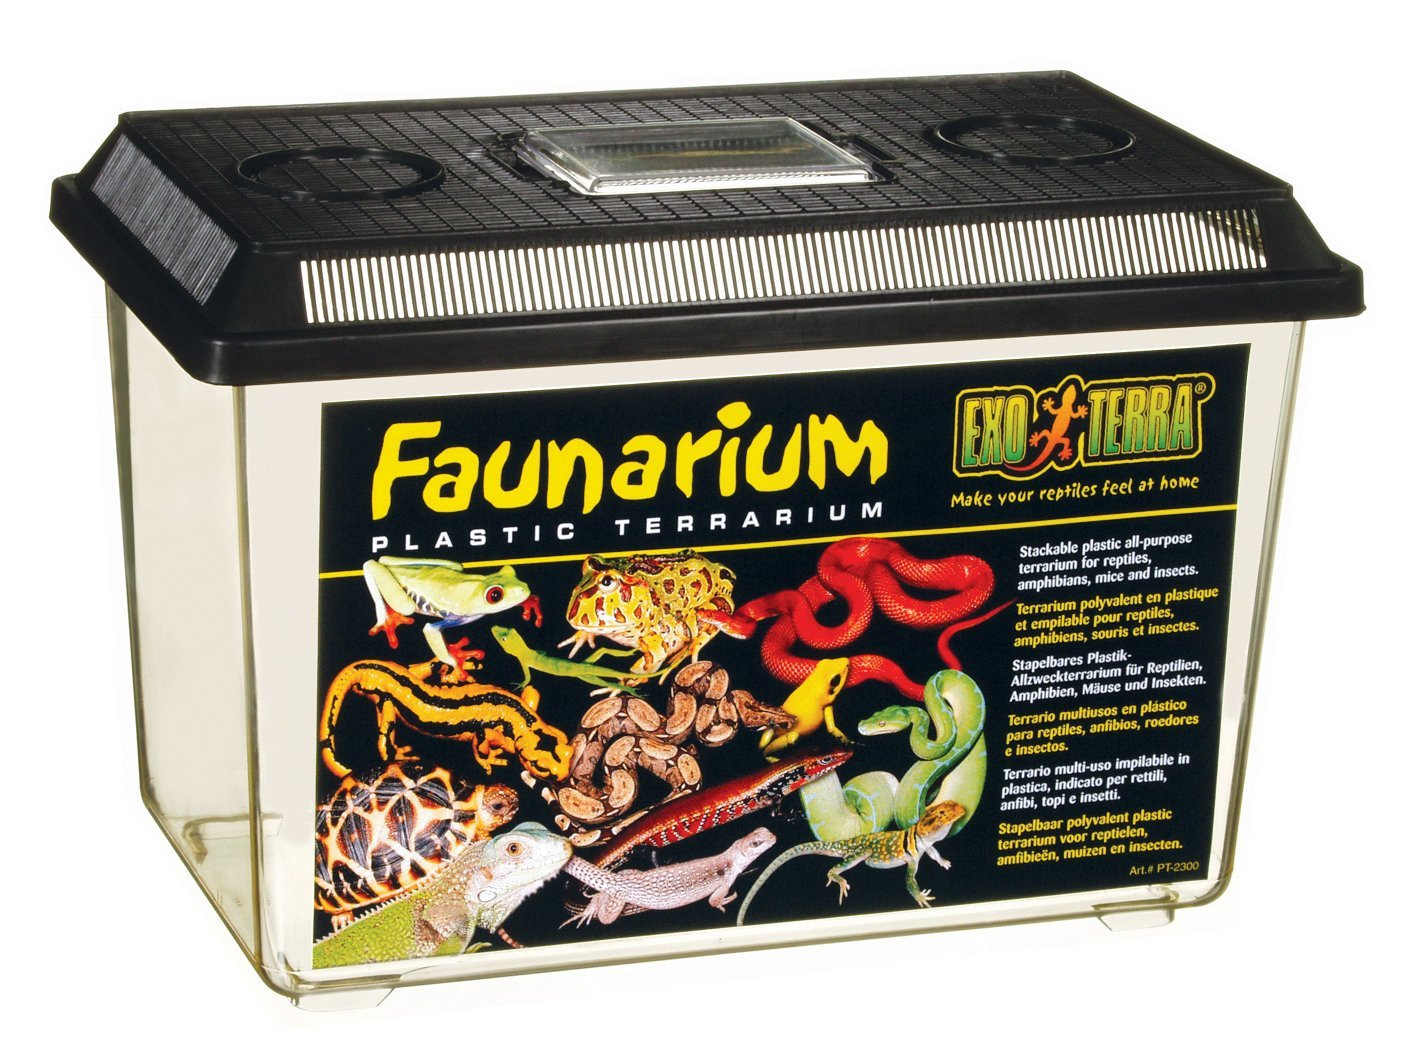 Exo Terra Faunarium Terrarium, Large